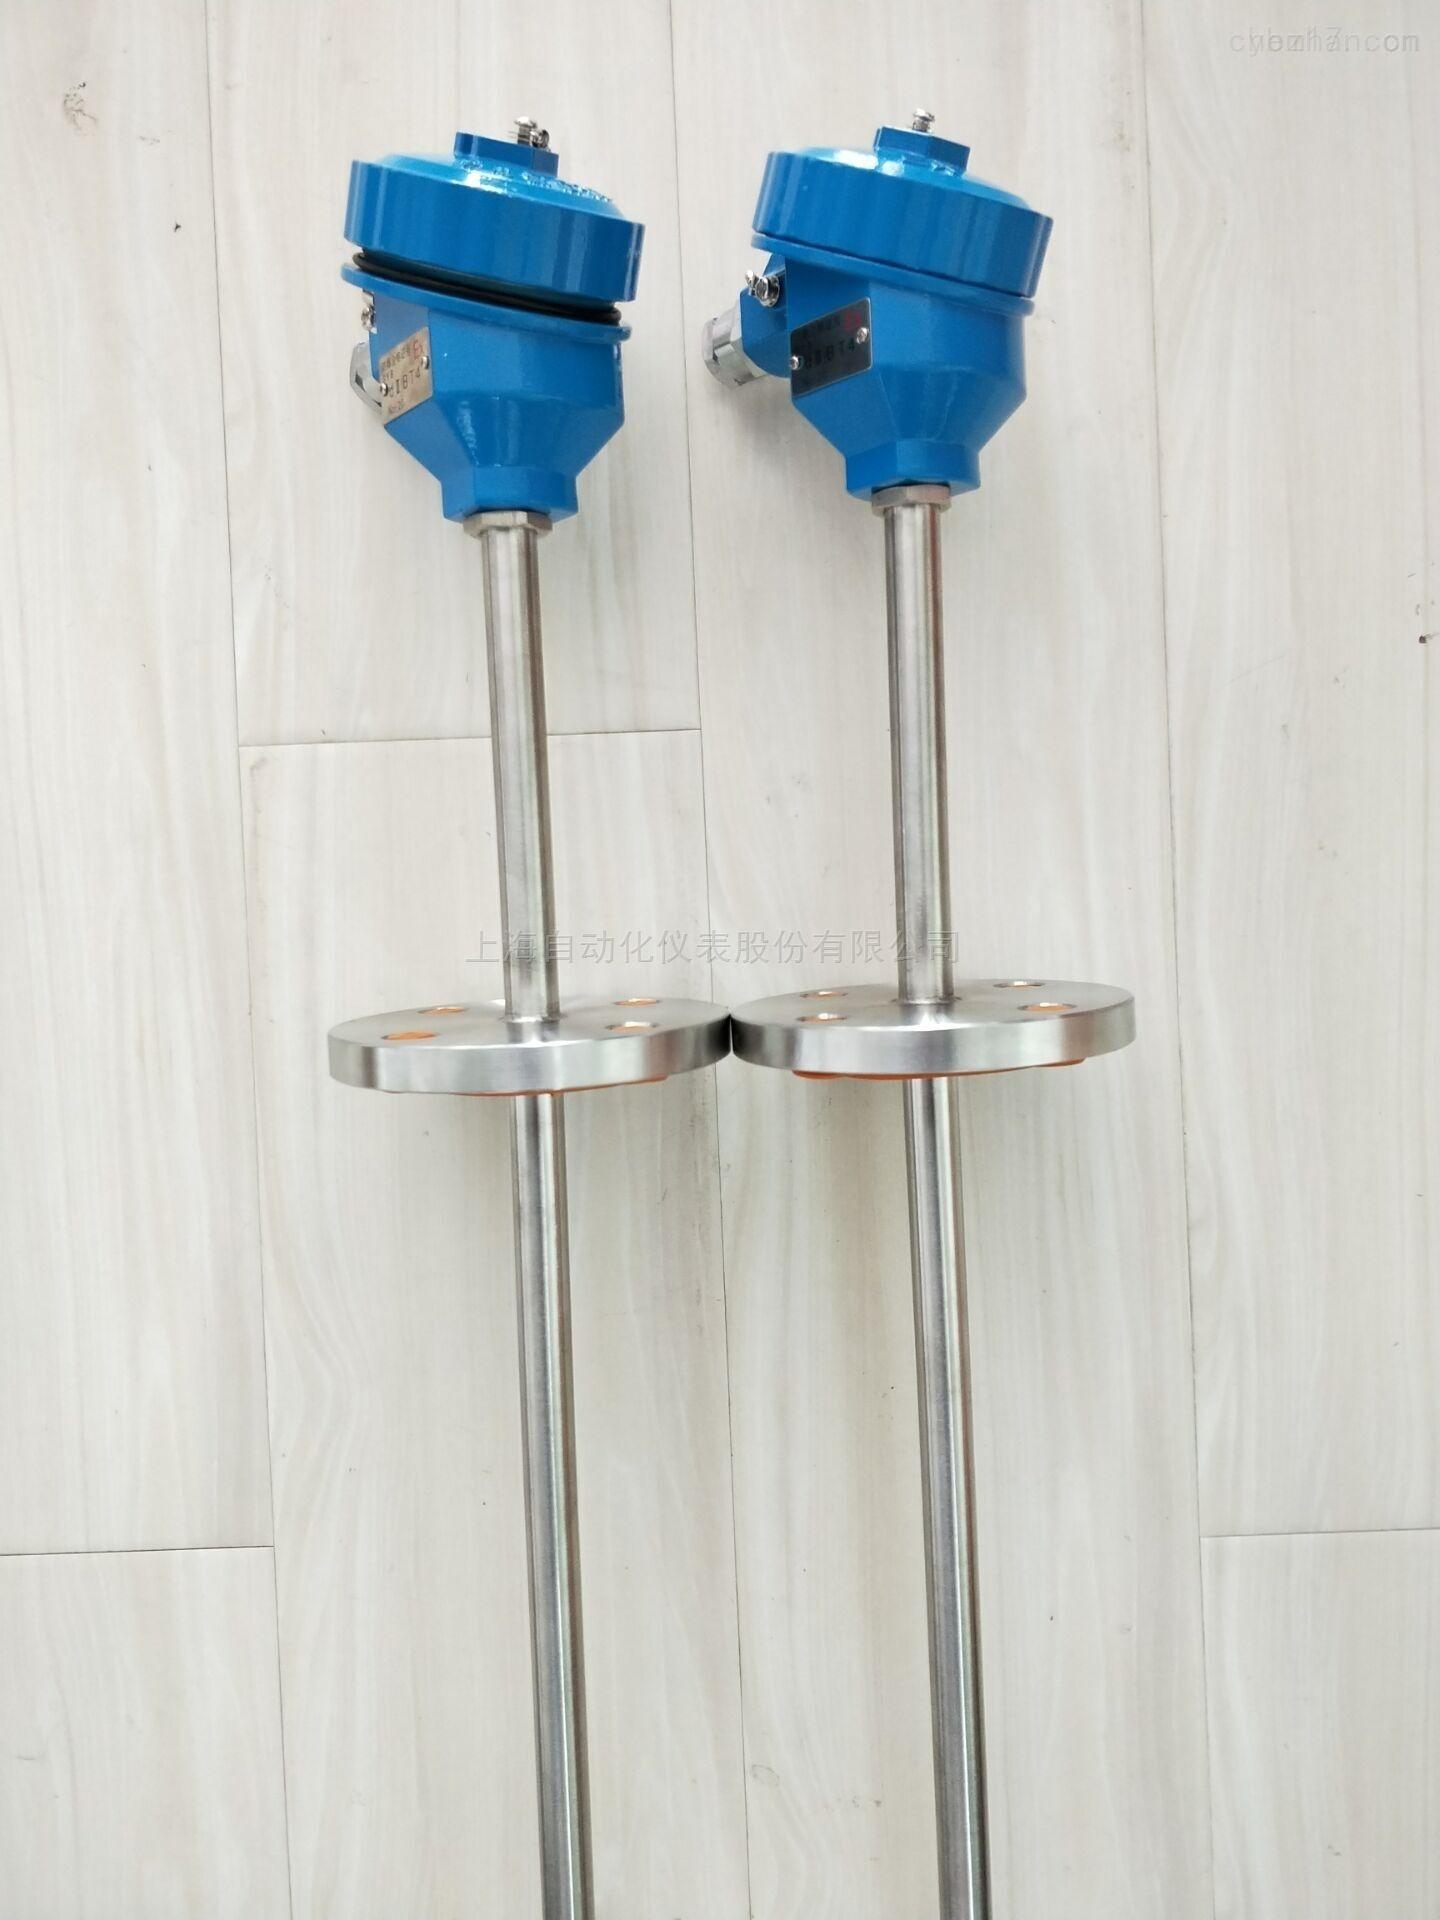 WZP2- 54A防爆铂电阻